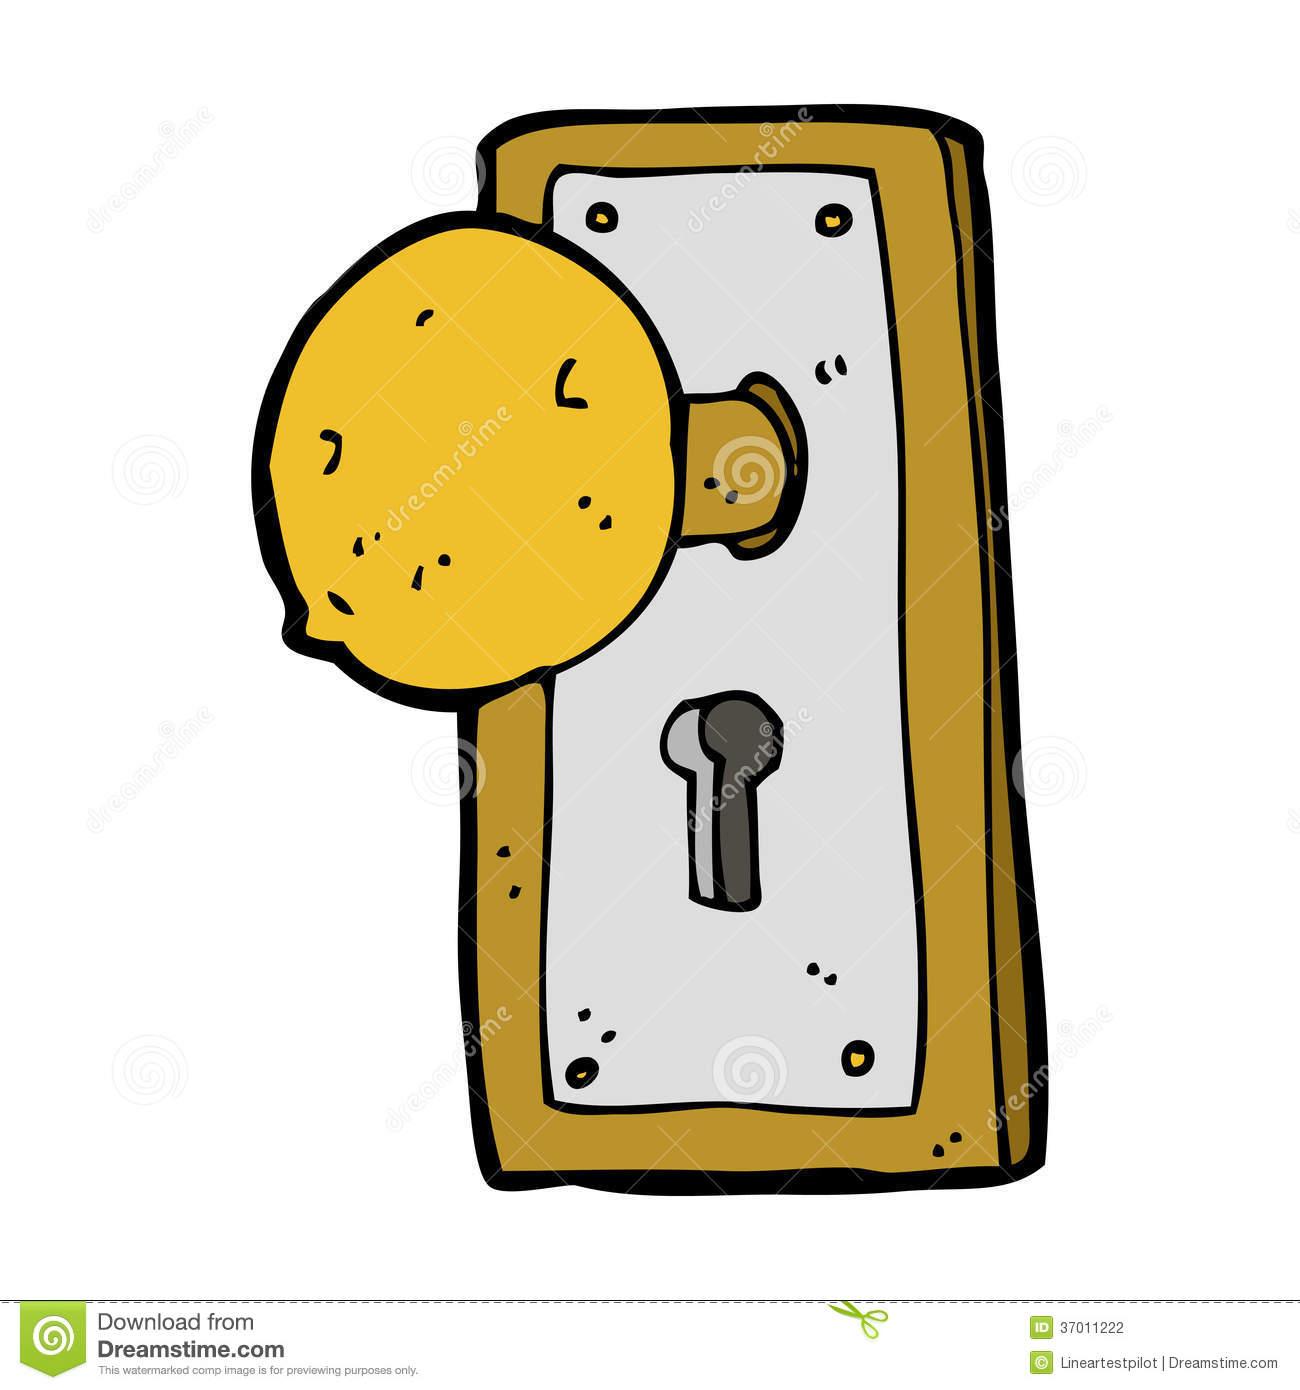 Door lock clipart 8 » Clipart Station.